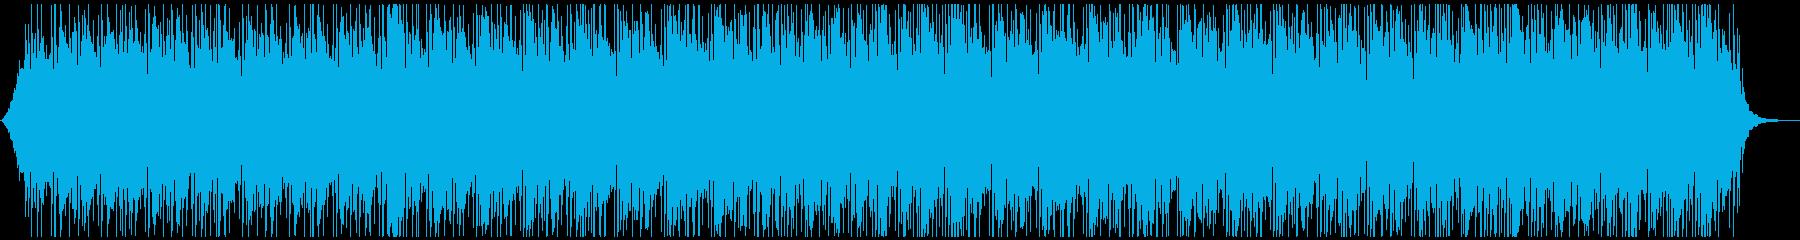 爽やかオープニング映像に おしゃれ疾走感の再生済みの波形